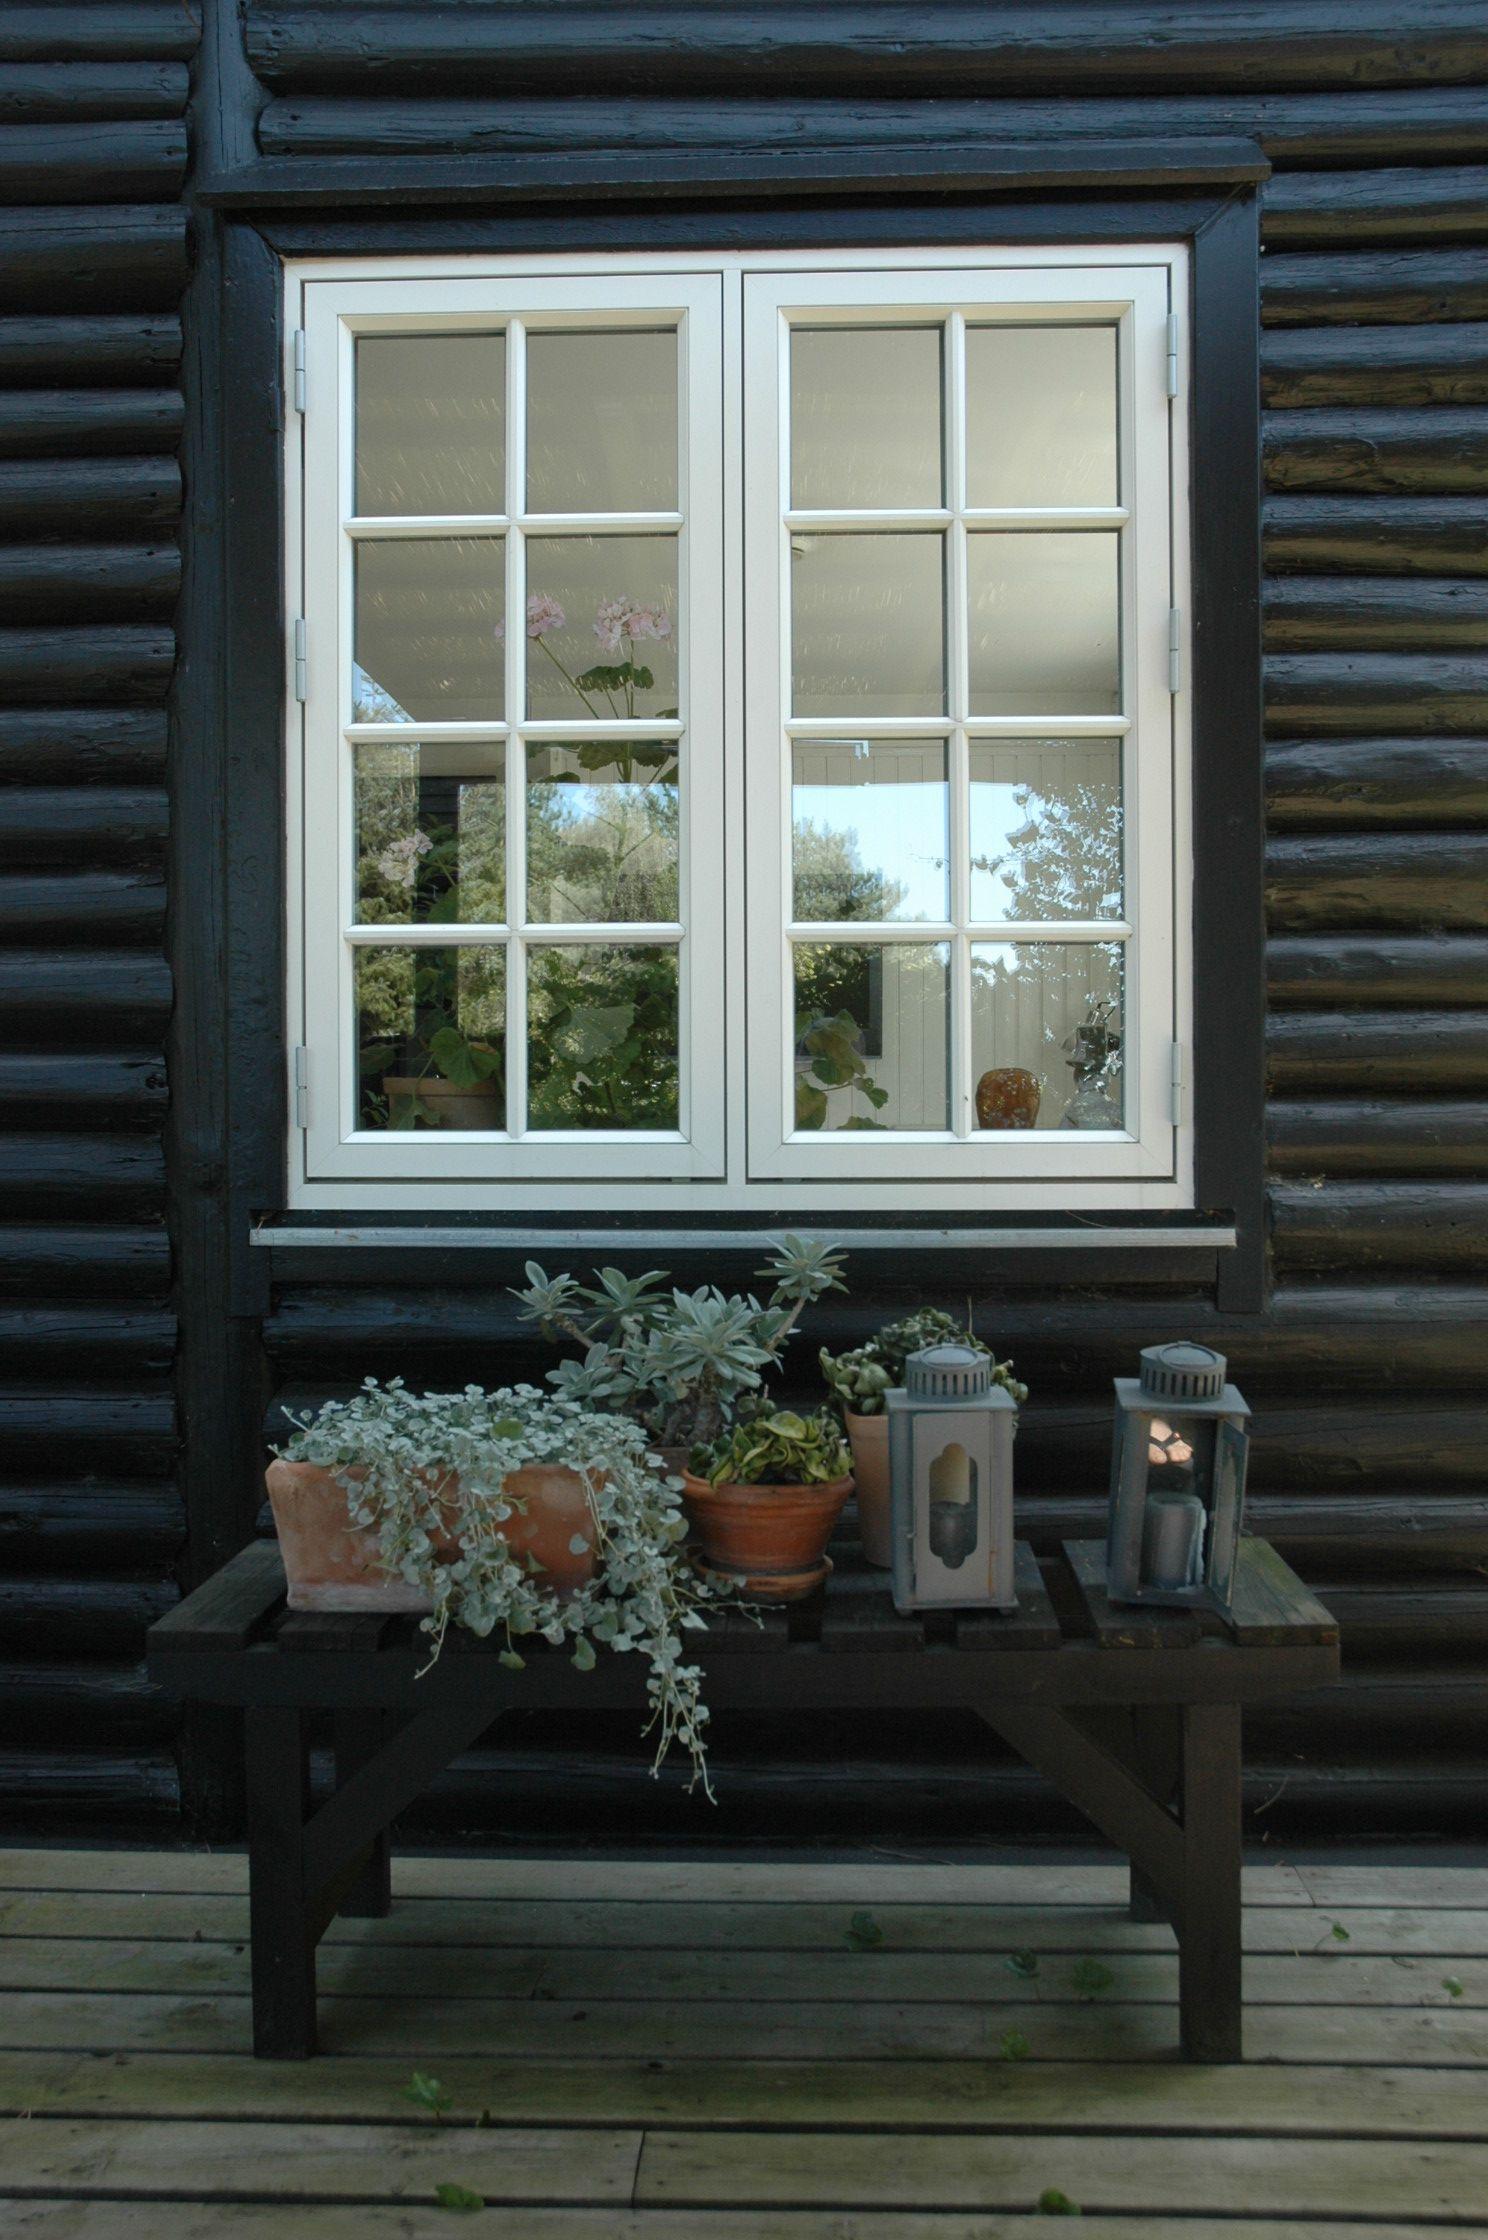 Huset i naturen | DANMARKS SKØNNESTE HJEM